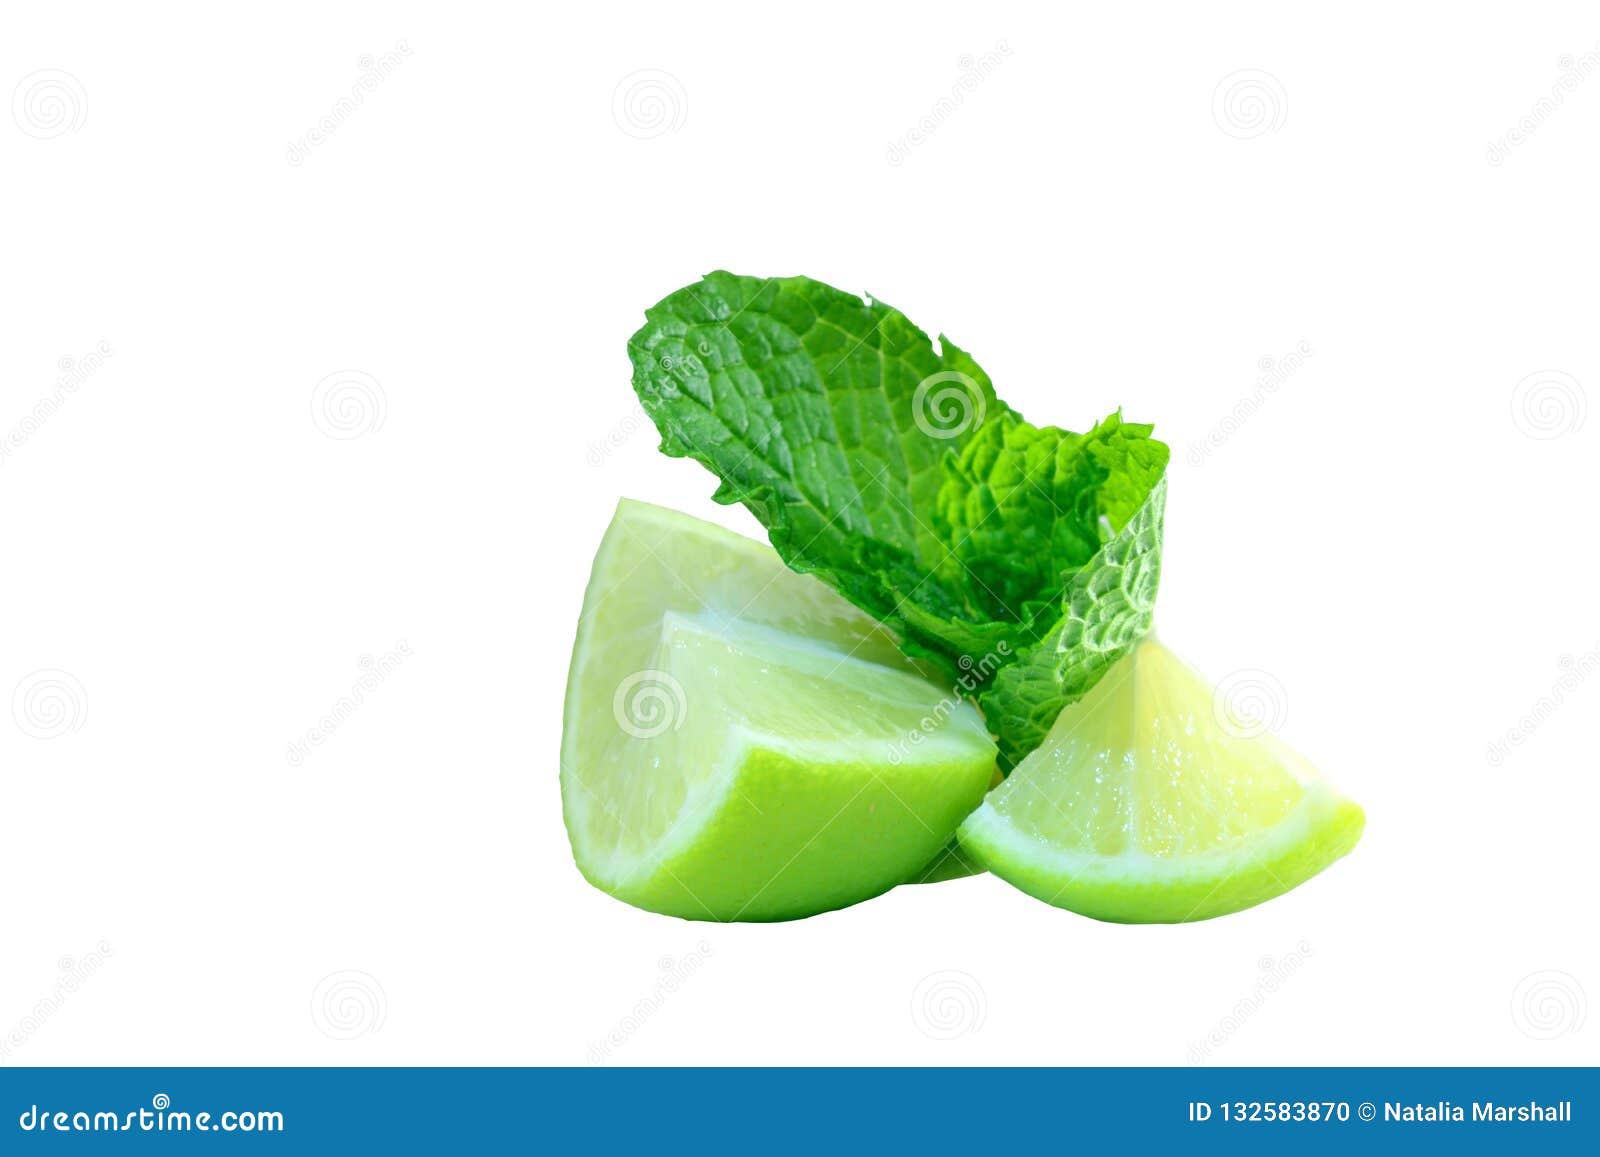 Photo en gros plan des morceaux vert-jaunes de chaux et des feuilles en bon état ; morceaux juteux de fruit et de couleurs lumine